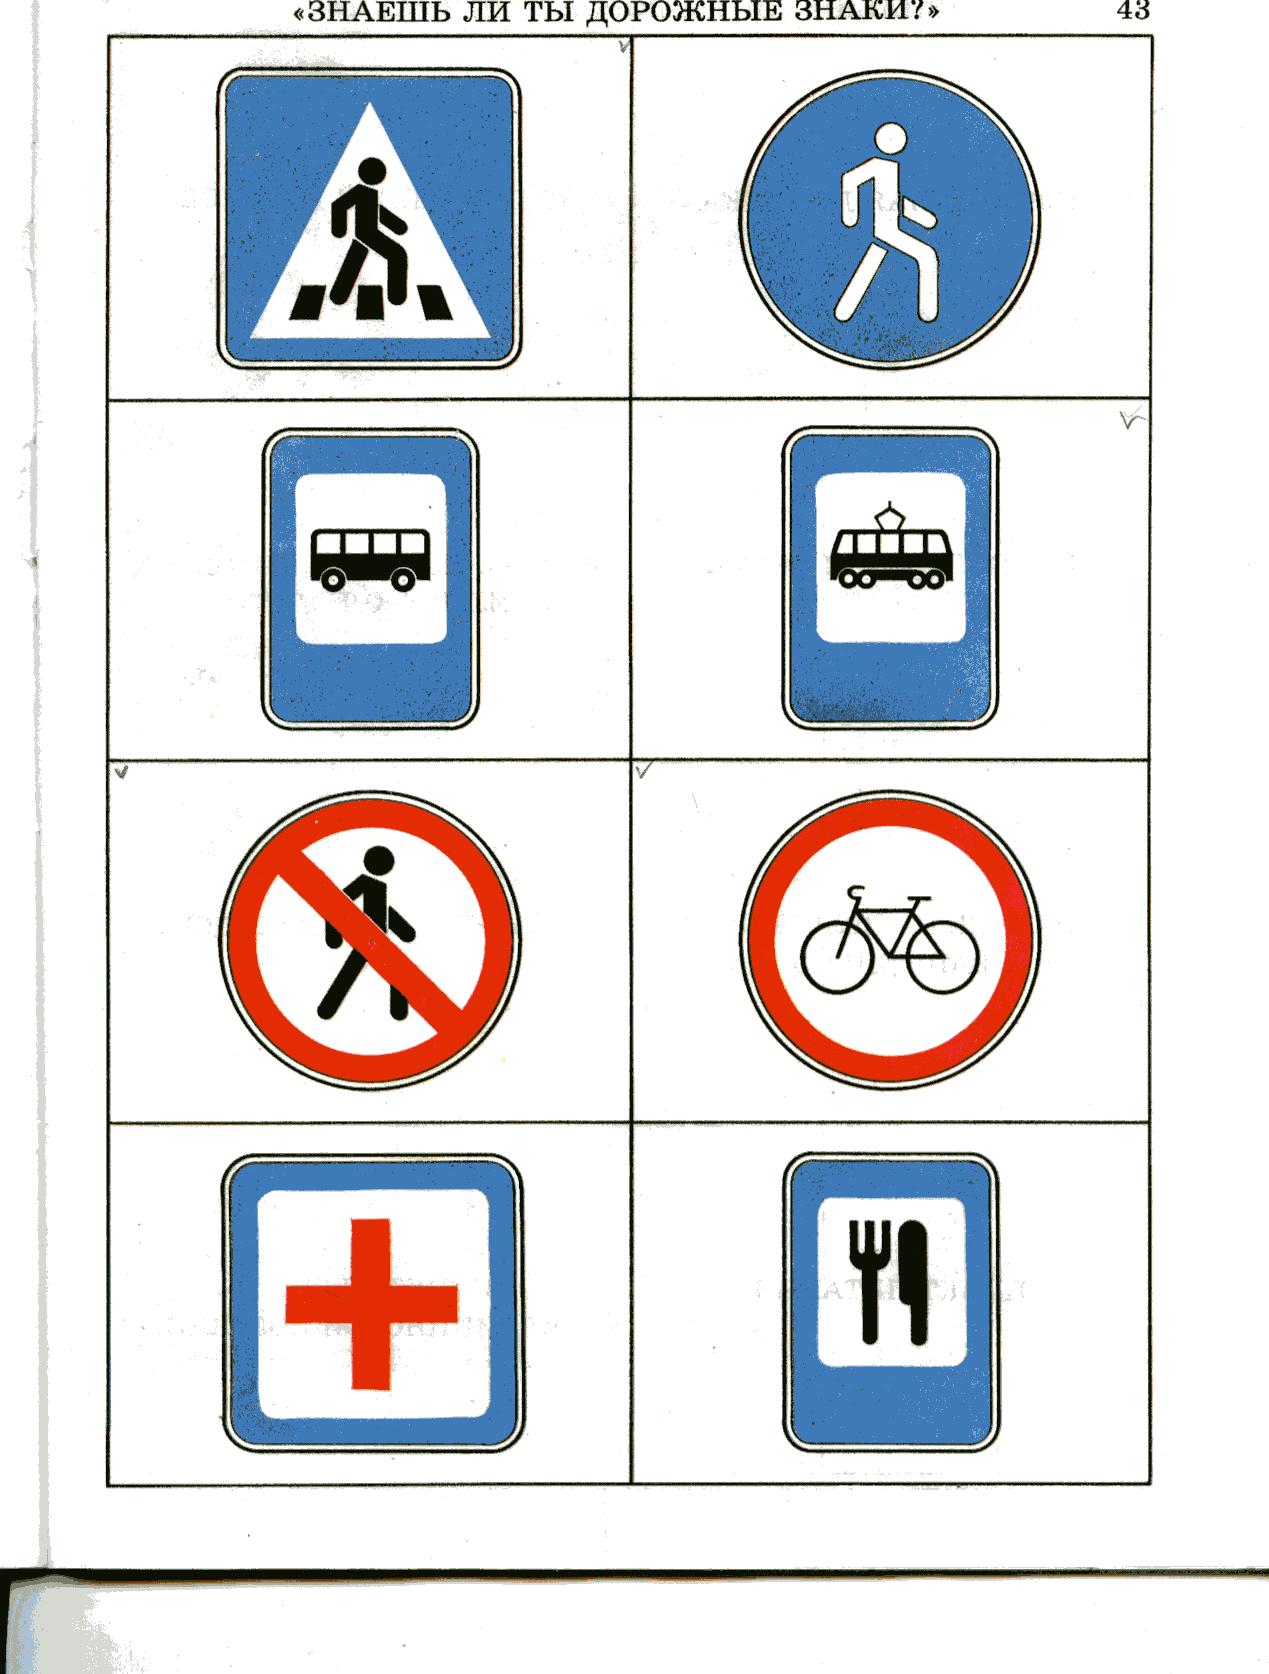 Изучаем дорожные знаки в картинках уже